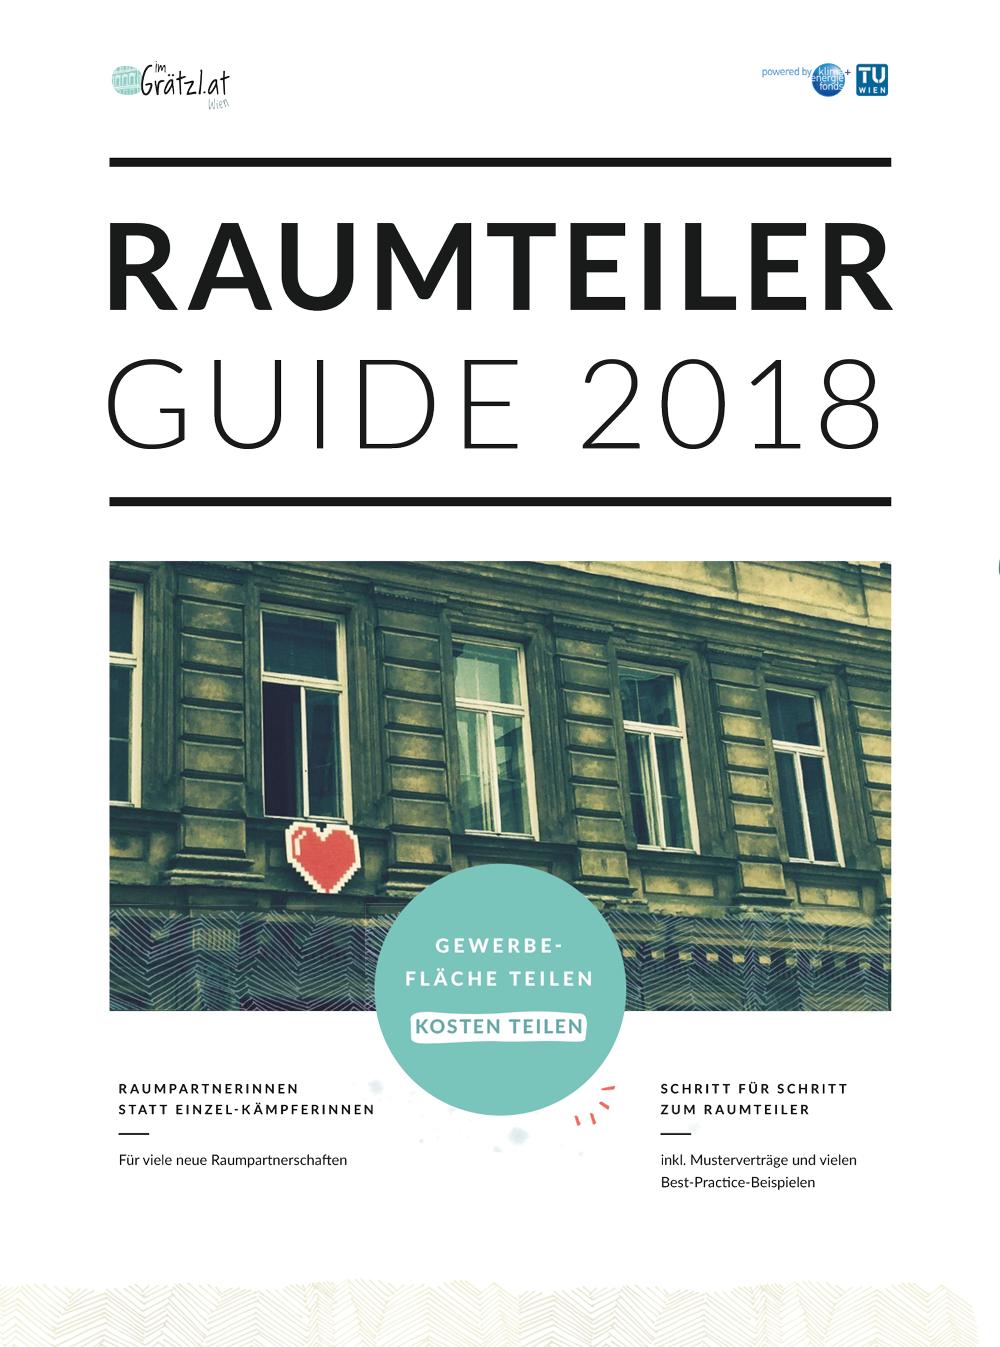 Raumteiler guide 2018 deckblatt